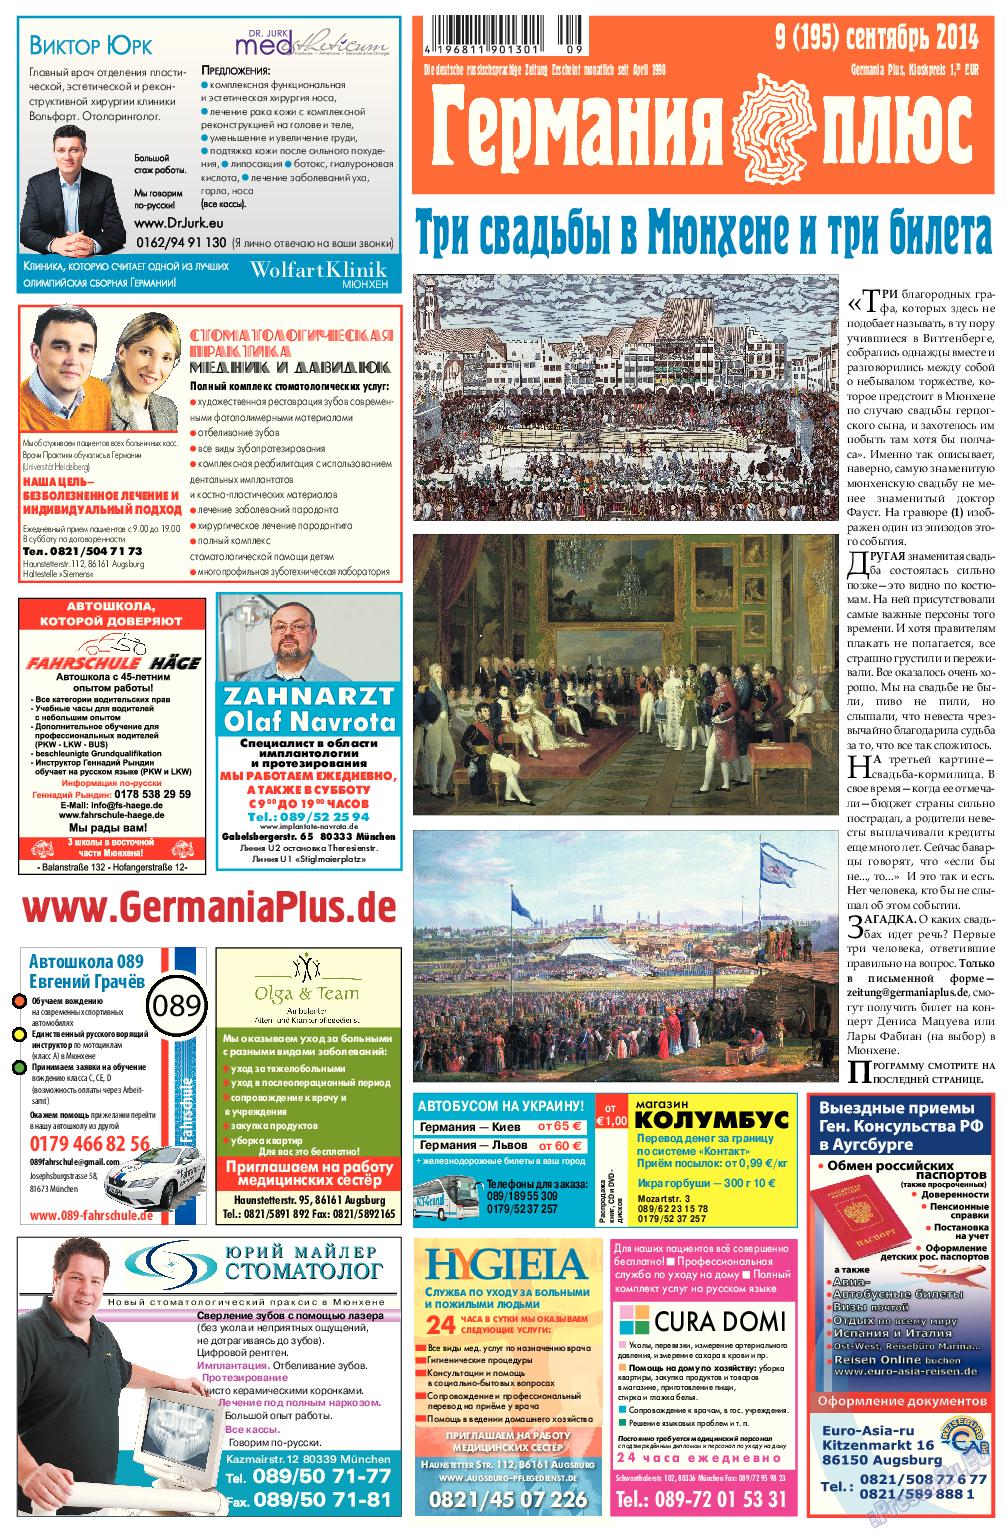 Германия плюс (газета). 2014 год, номер 8, стр. 1